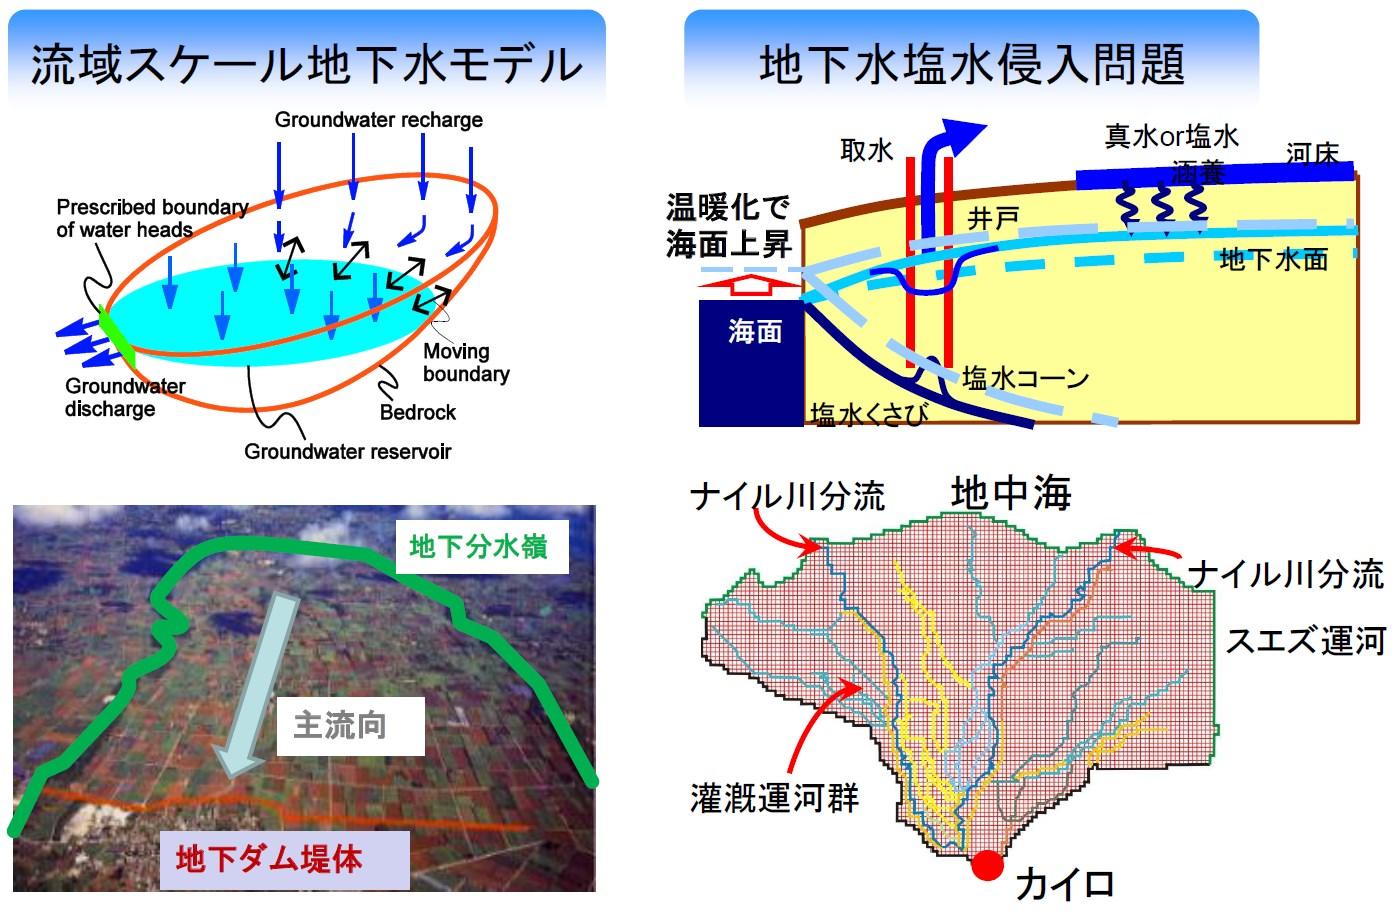 地下水資源関連